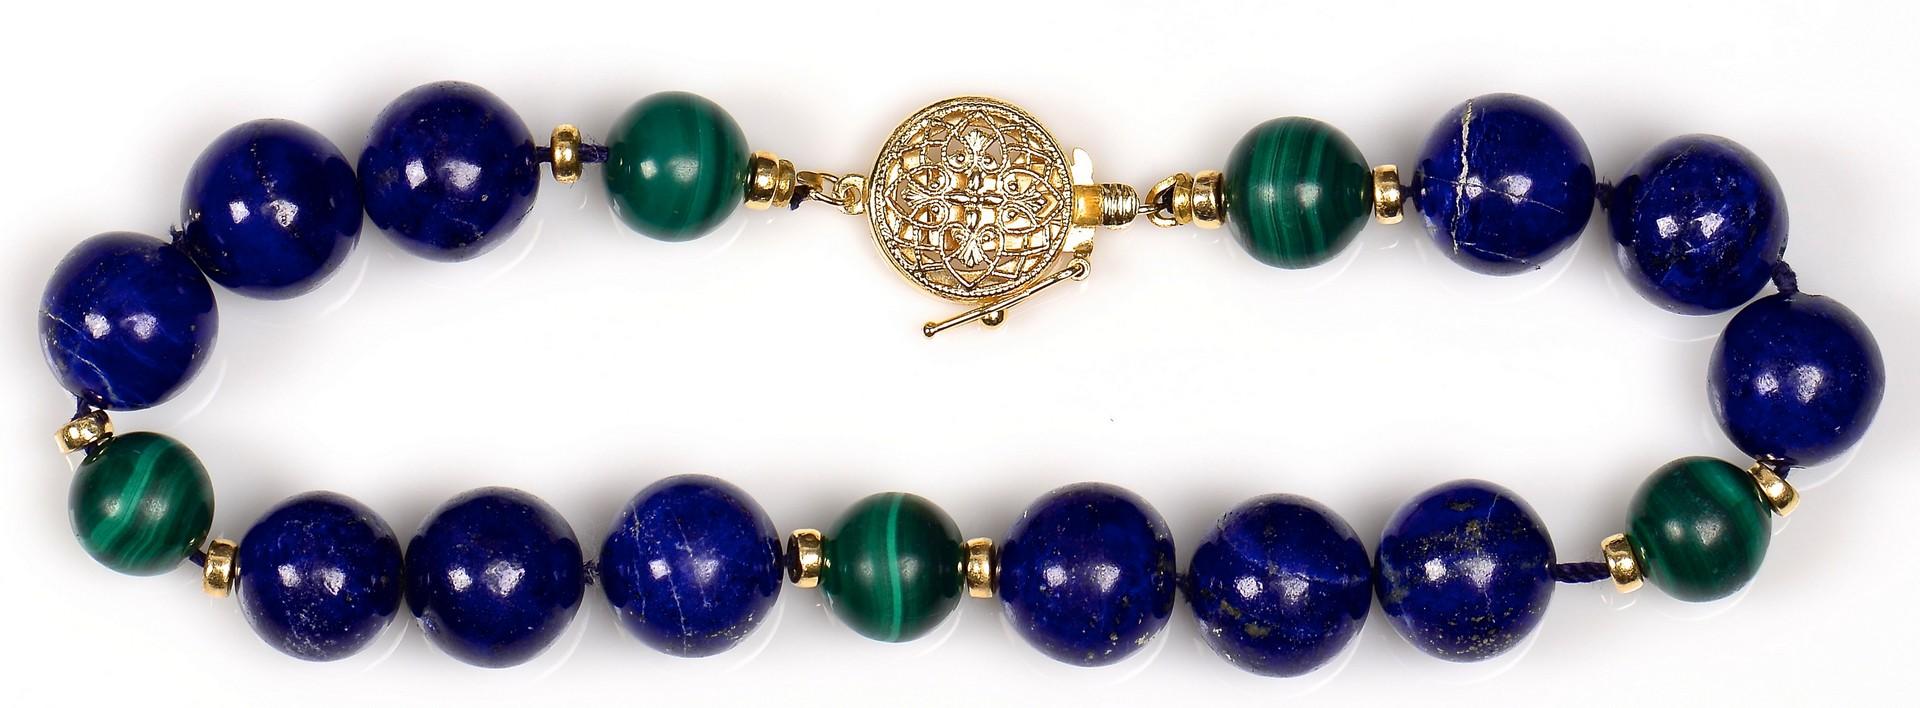 Lot 374: 14K Lapis and Malachite Jewelry